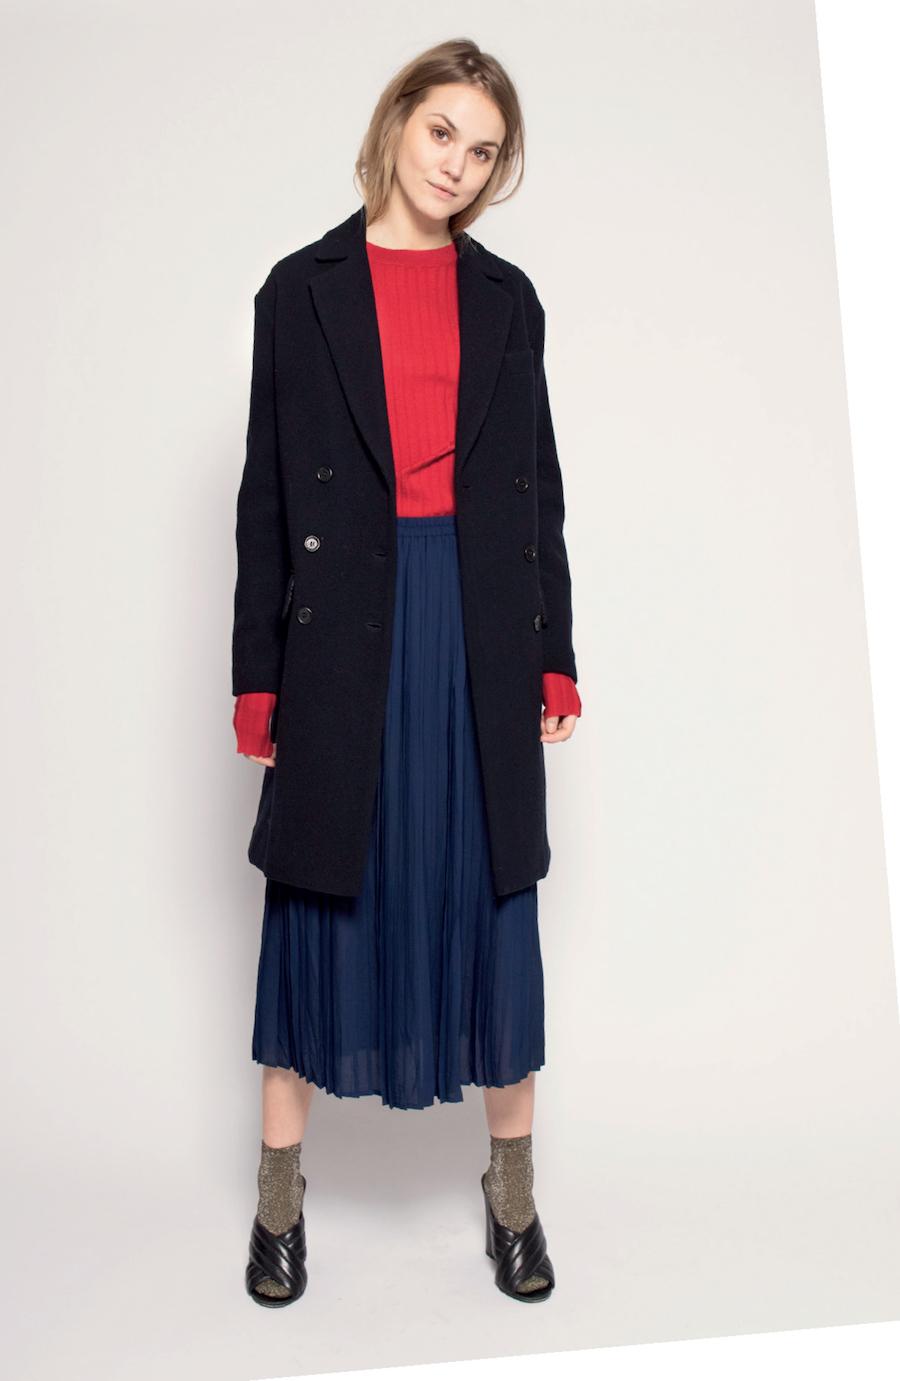 Graumann moda para mujer colección AW 2017